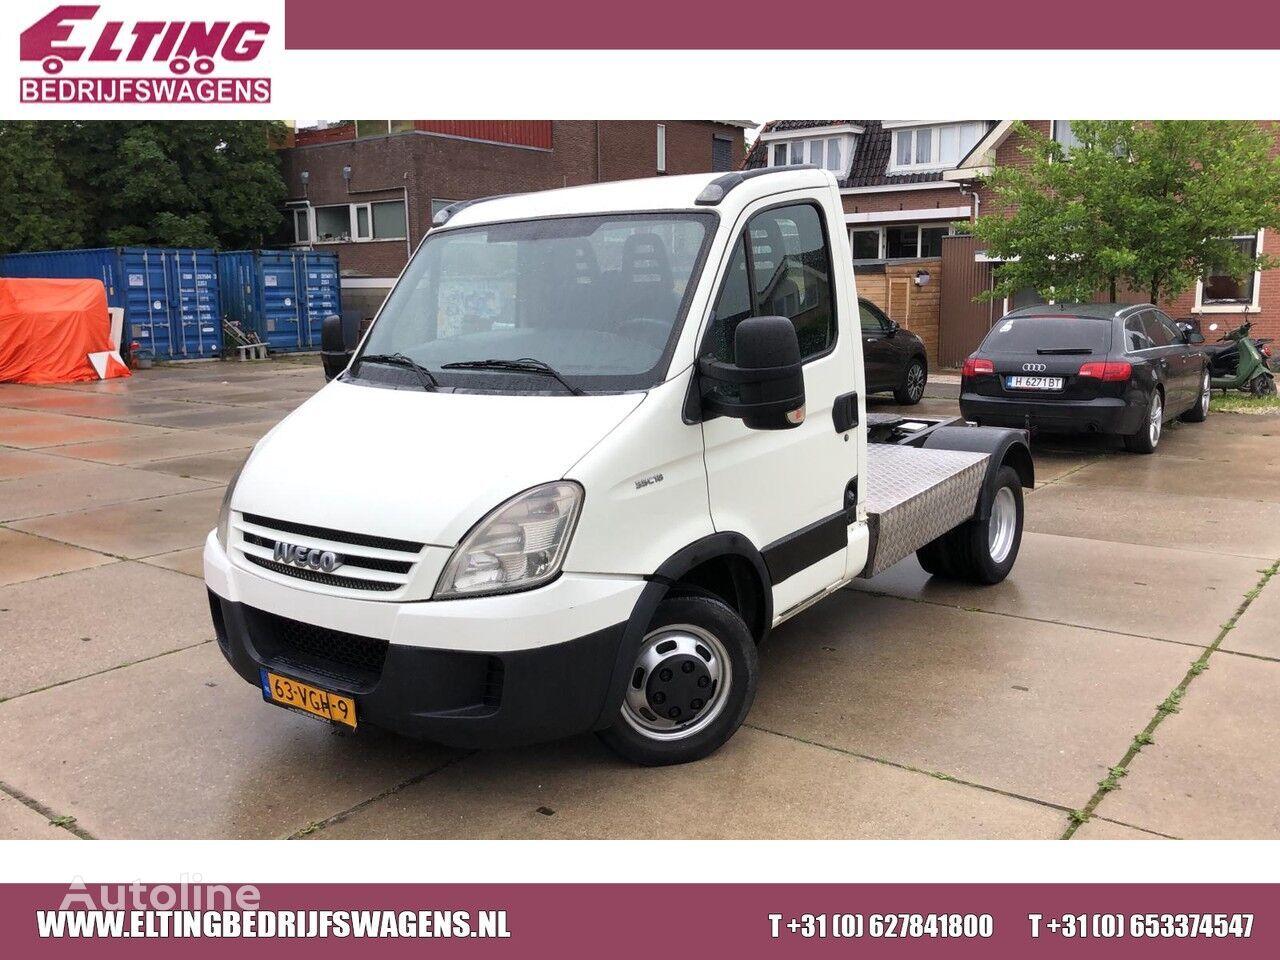 IVECO Daily 35C18 12 Tons Trekker Be-trekker chassis truck < 3.5t